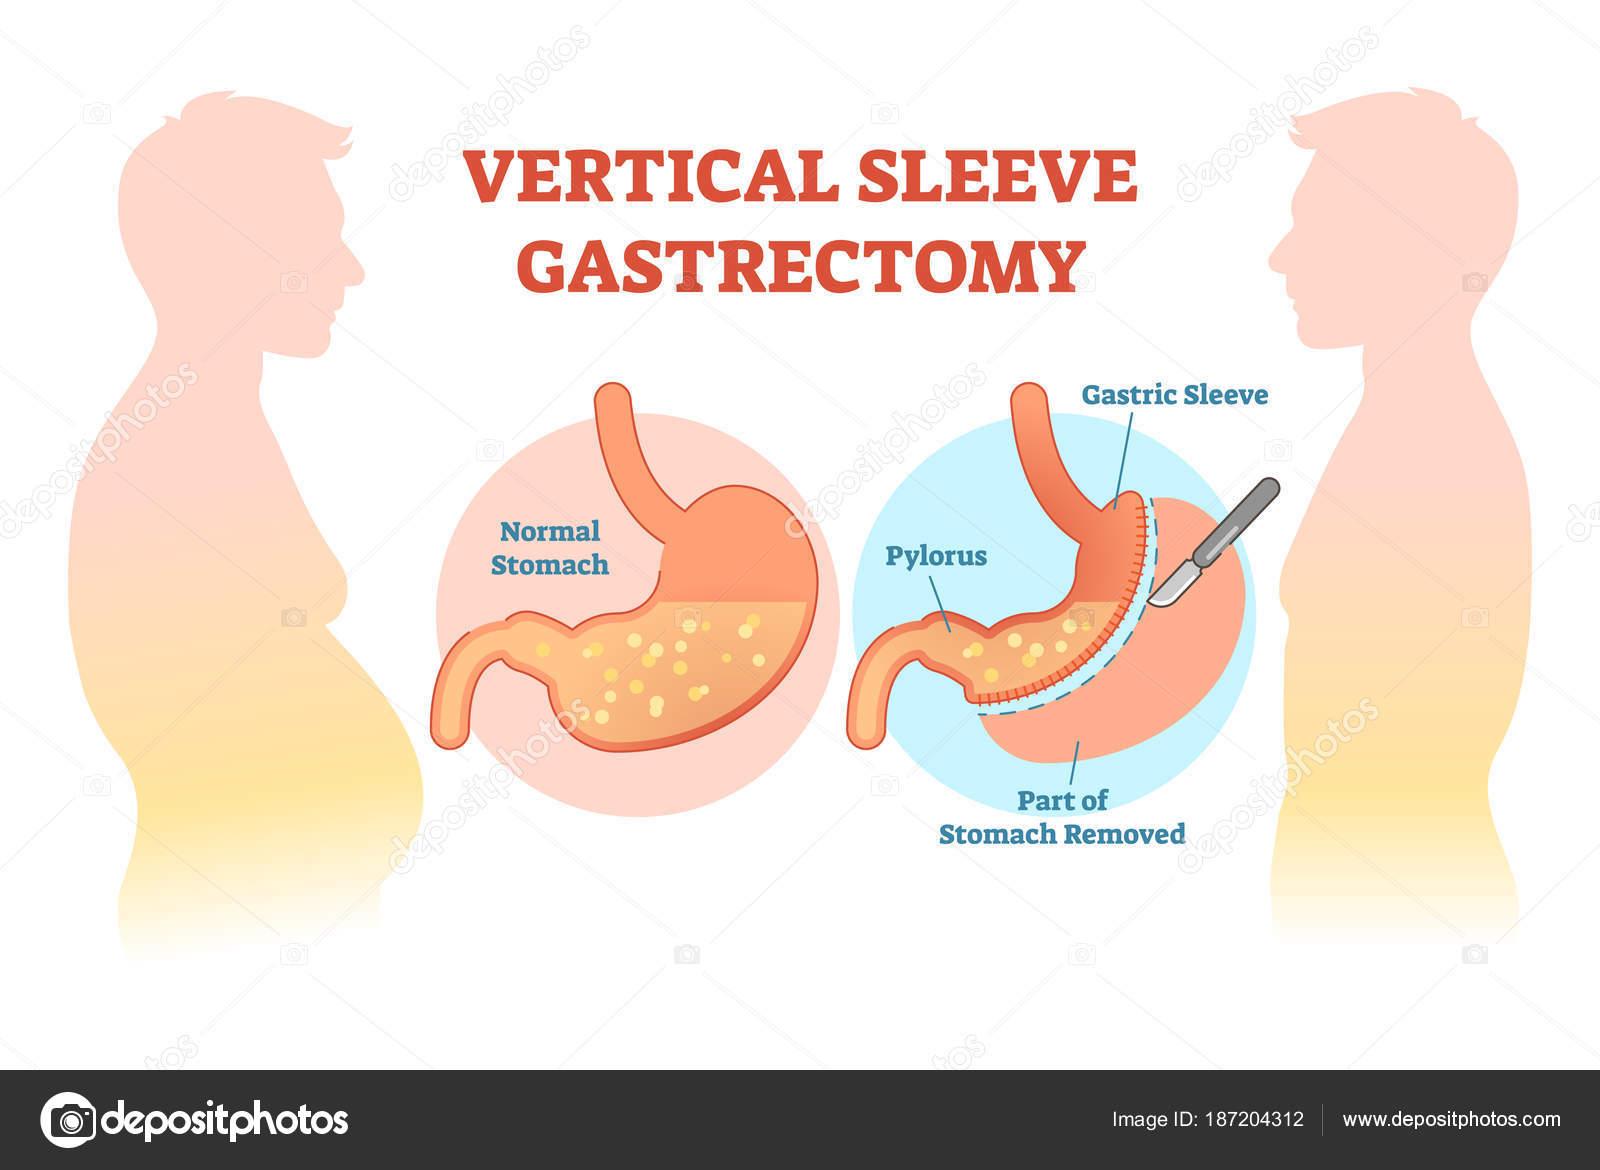 Corte vertical diagrama de ilustración médica vector de gastrectomía ...